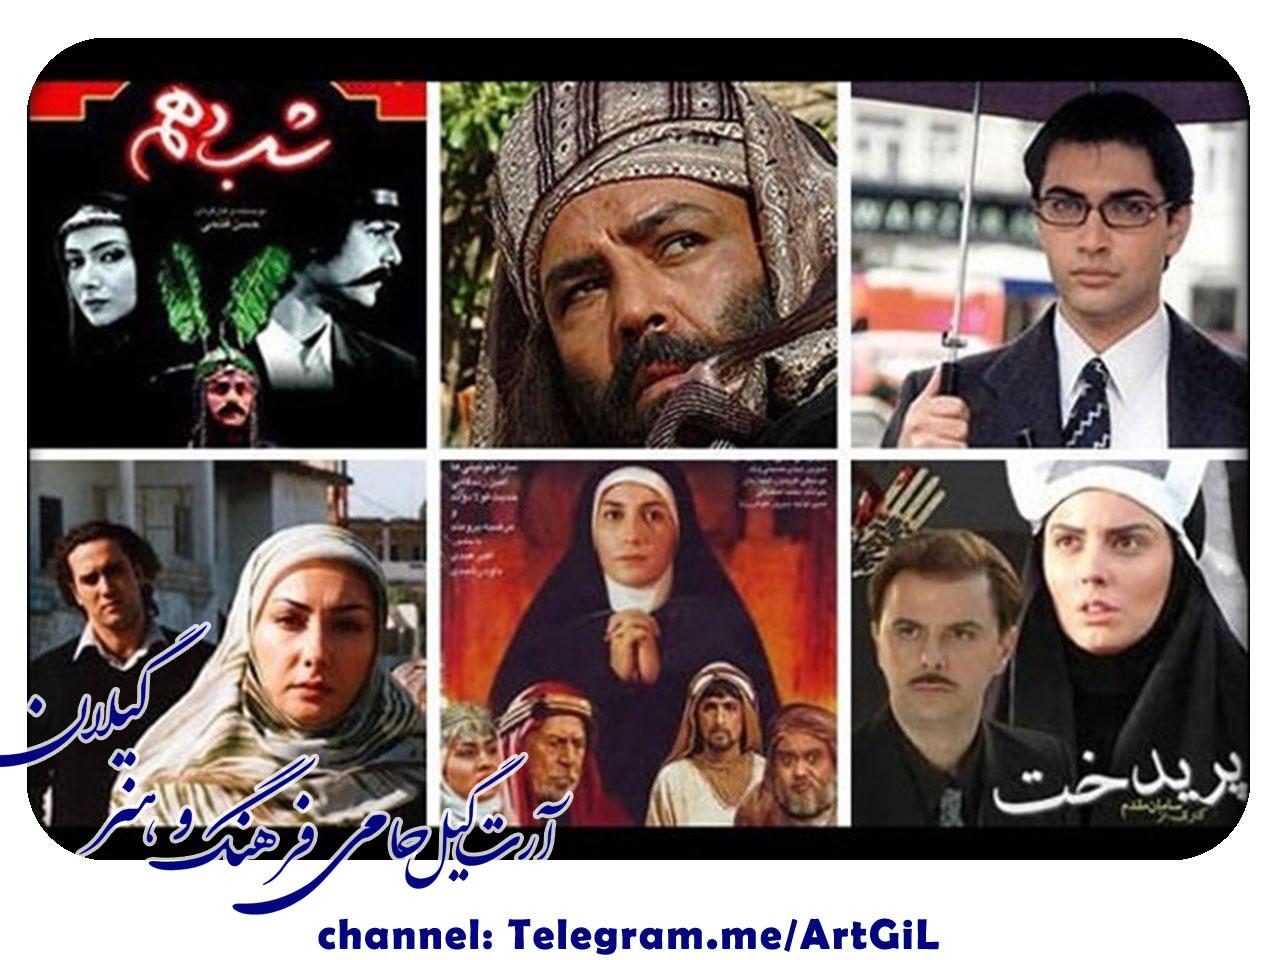 مروری بر سریال های ماندگار ماه محرم + عکس